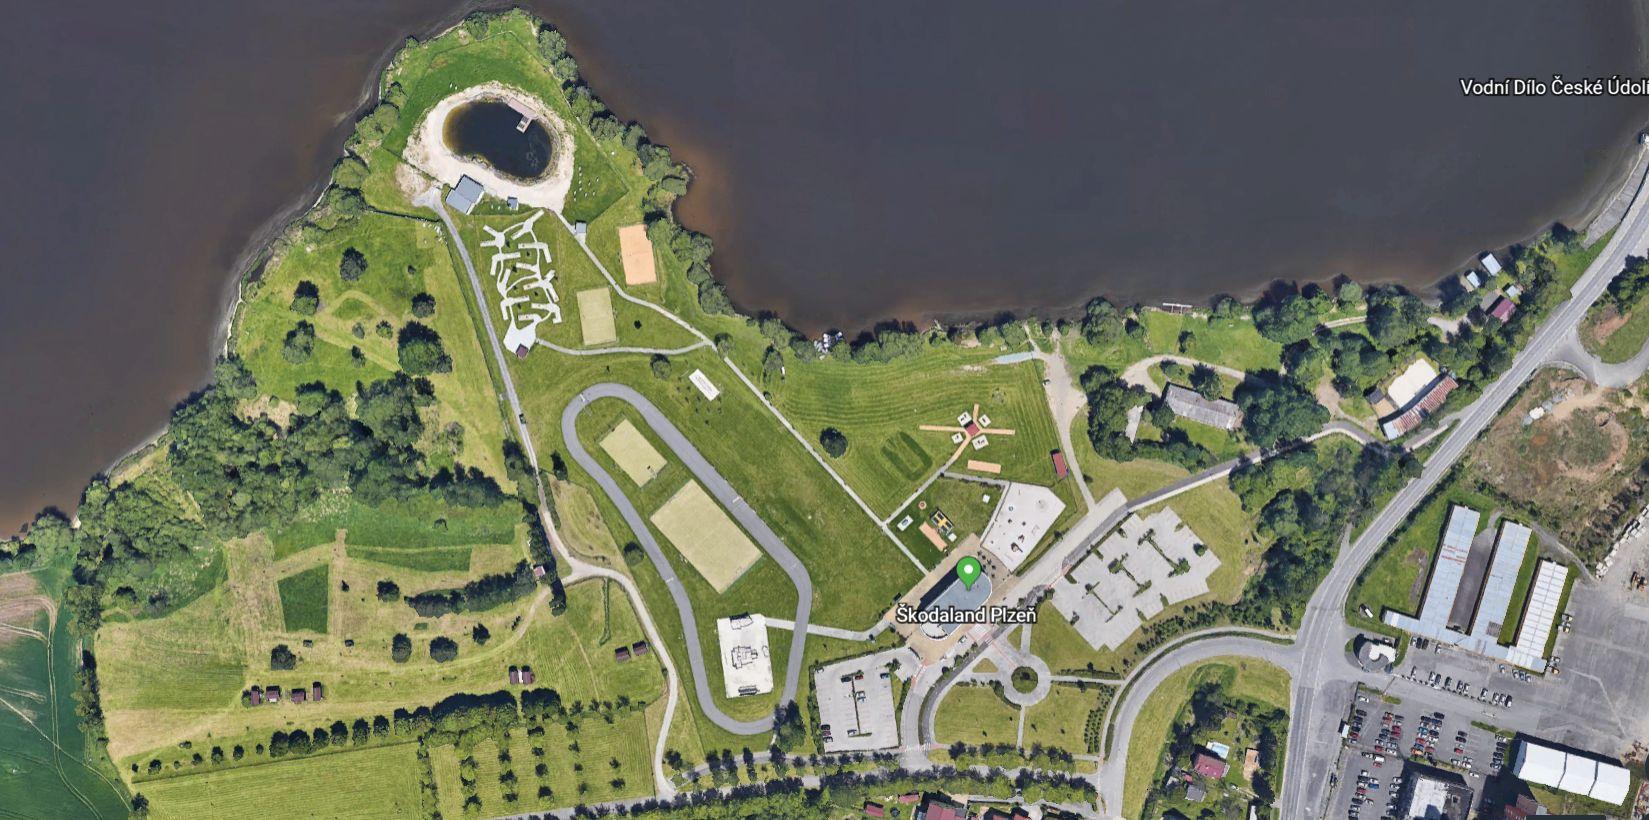 Místo konání akce ŠkodaLand Junior race - sportovní areál Škodaland Plzeň Bory